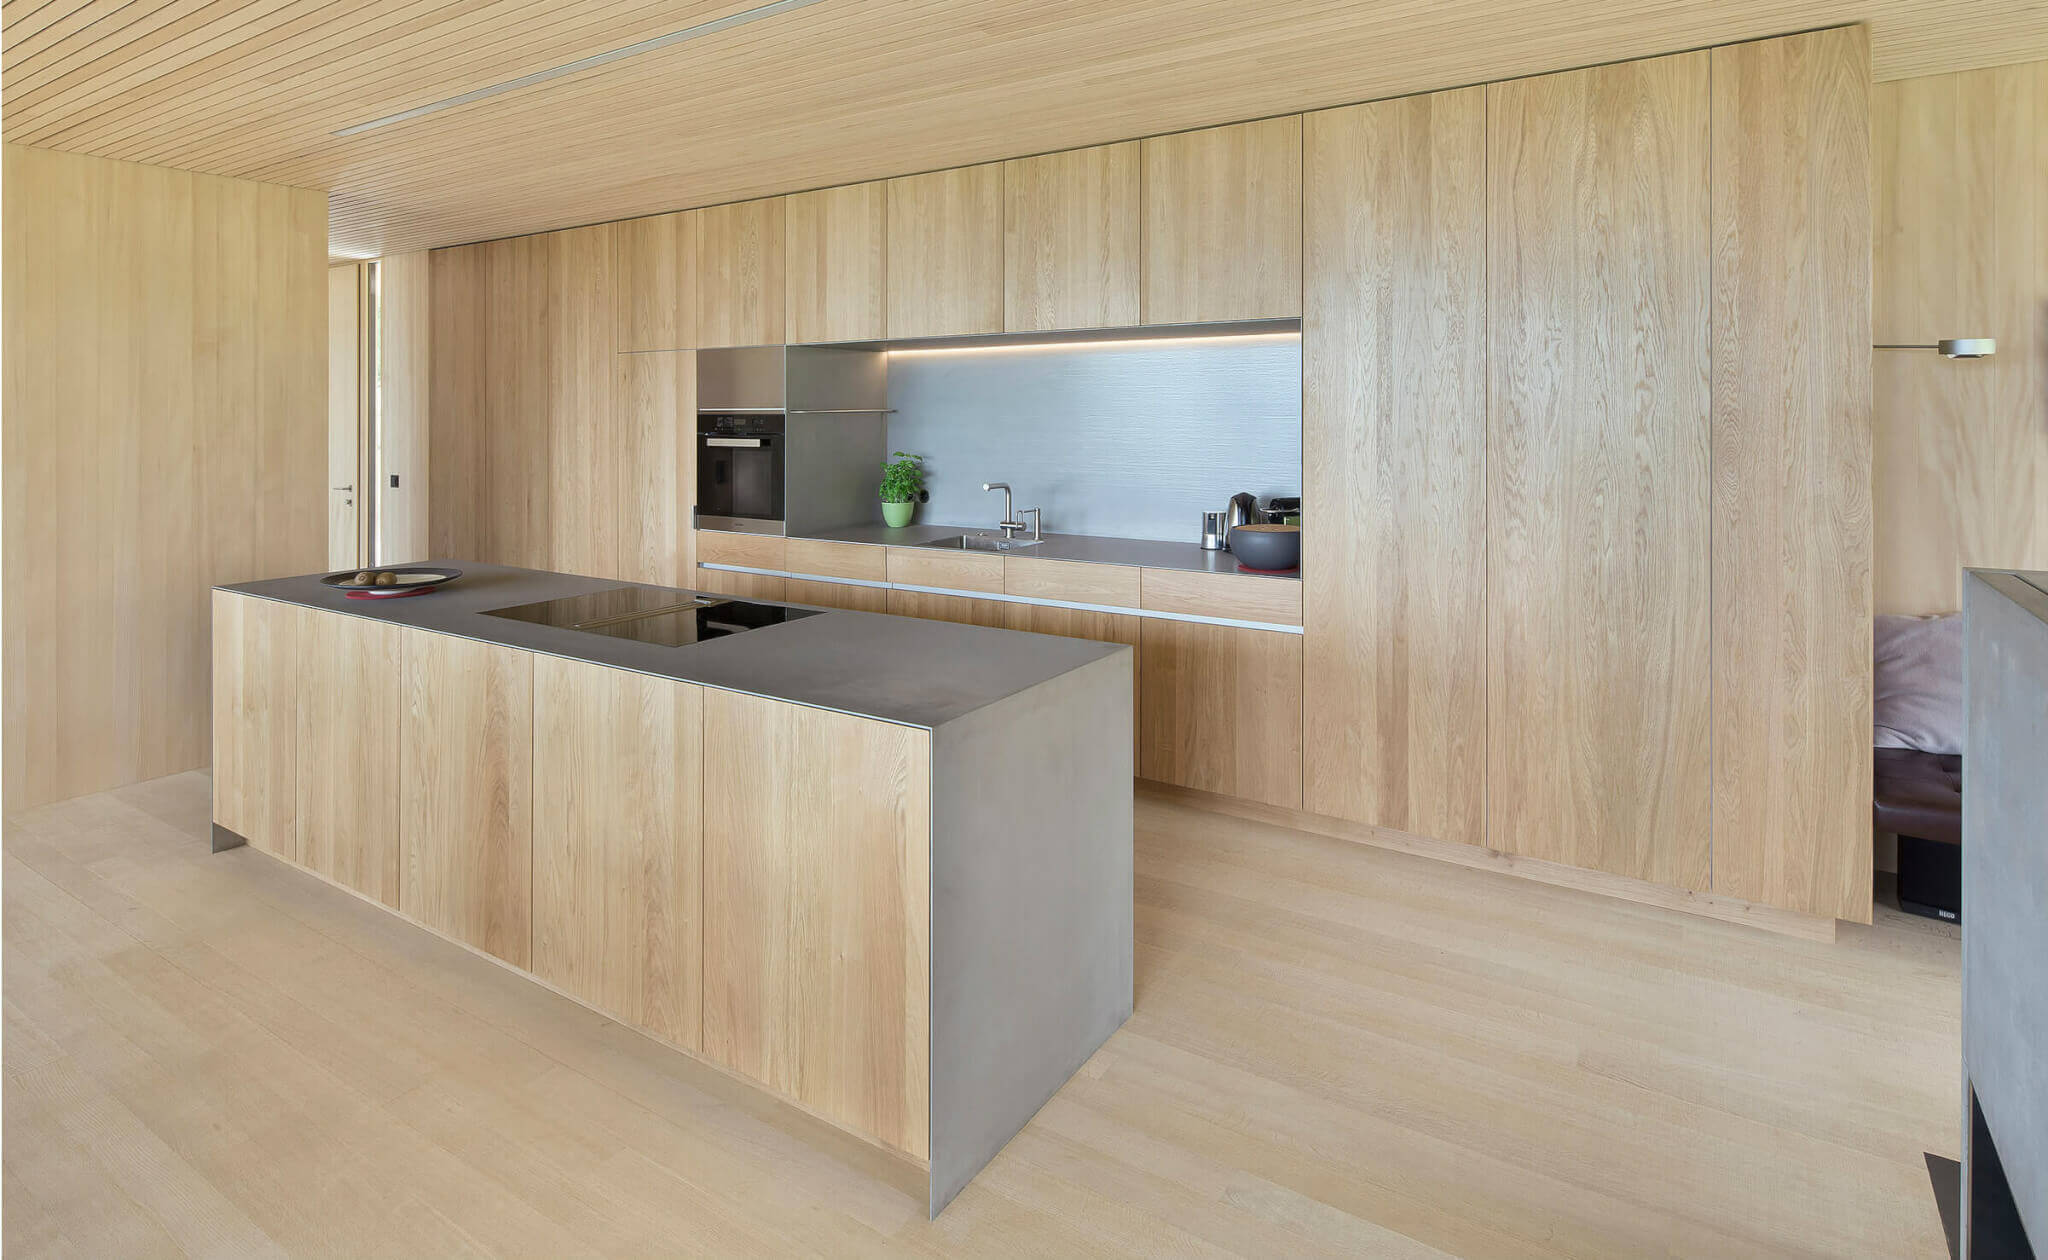 Küche aus Holz mit einer Kochinsel, dünne Arbeitsplatte aus Beton. Foto: Dietrich | Untertrifaller (Angela Lamprecht)